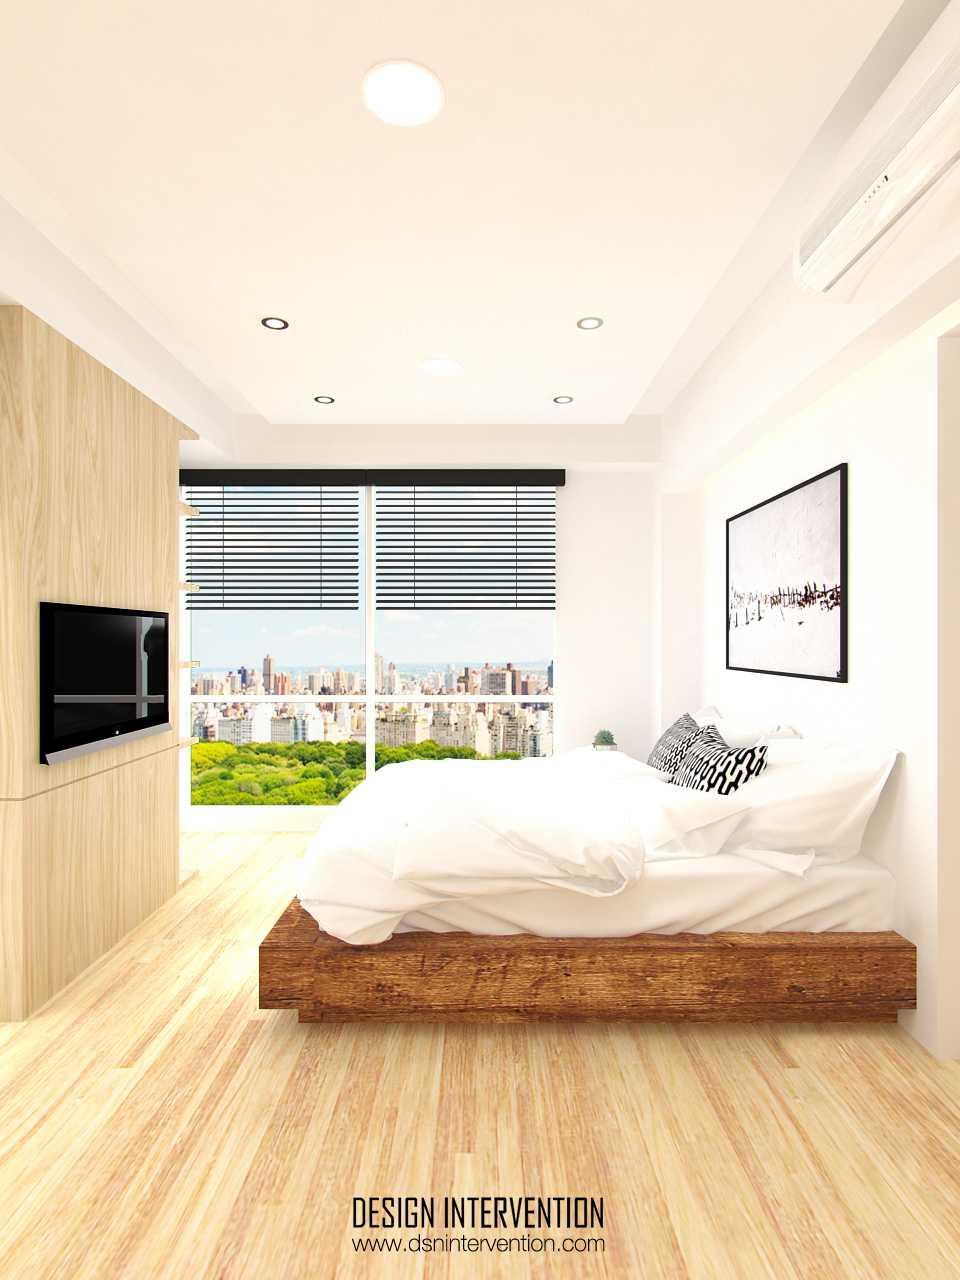 Foto inspirasi ide desain kamar tidur industrial Bedroom view oleh DESIGN INTERVENTION di Arsitag